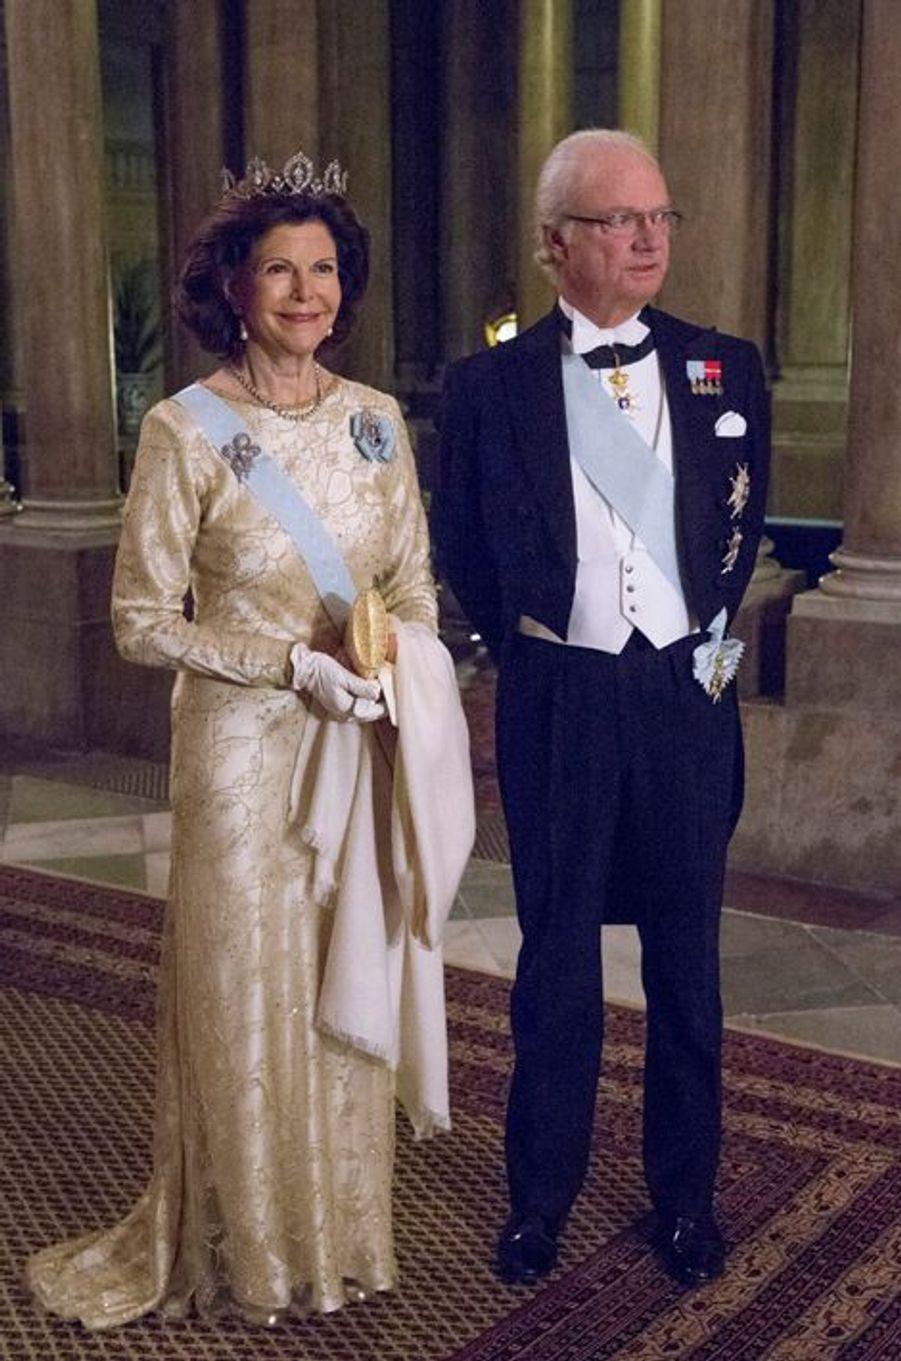 La reine Silvia et le roi Carl XVI Gustaf au premier dîner de l'année au Palais royal à Stockholm, le 11 février 2015